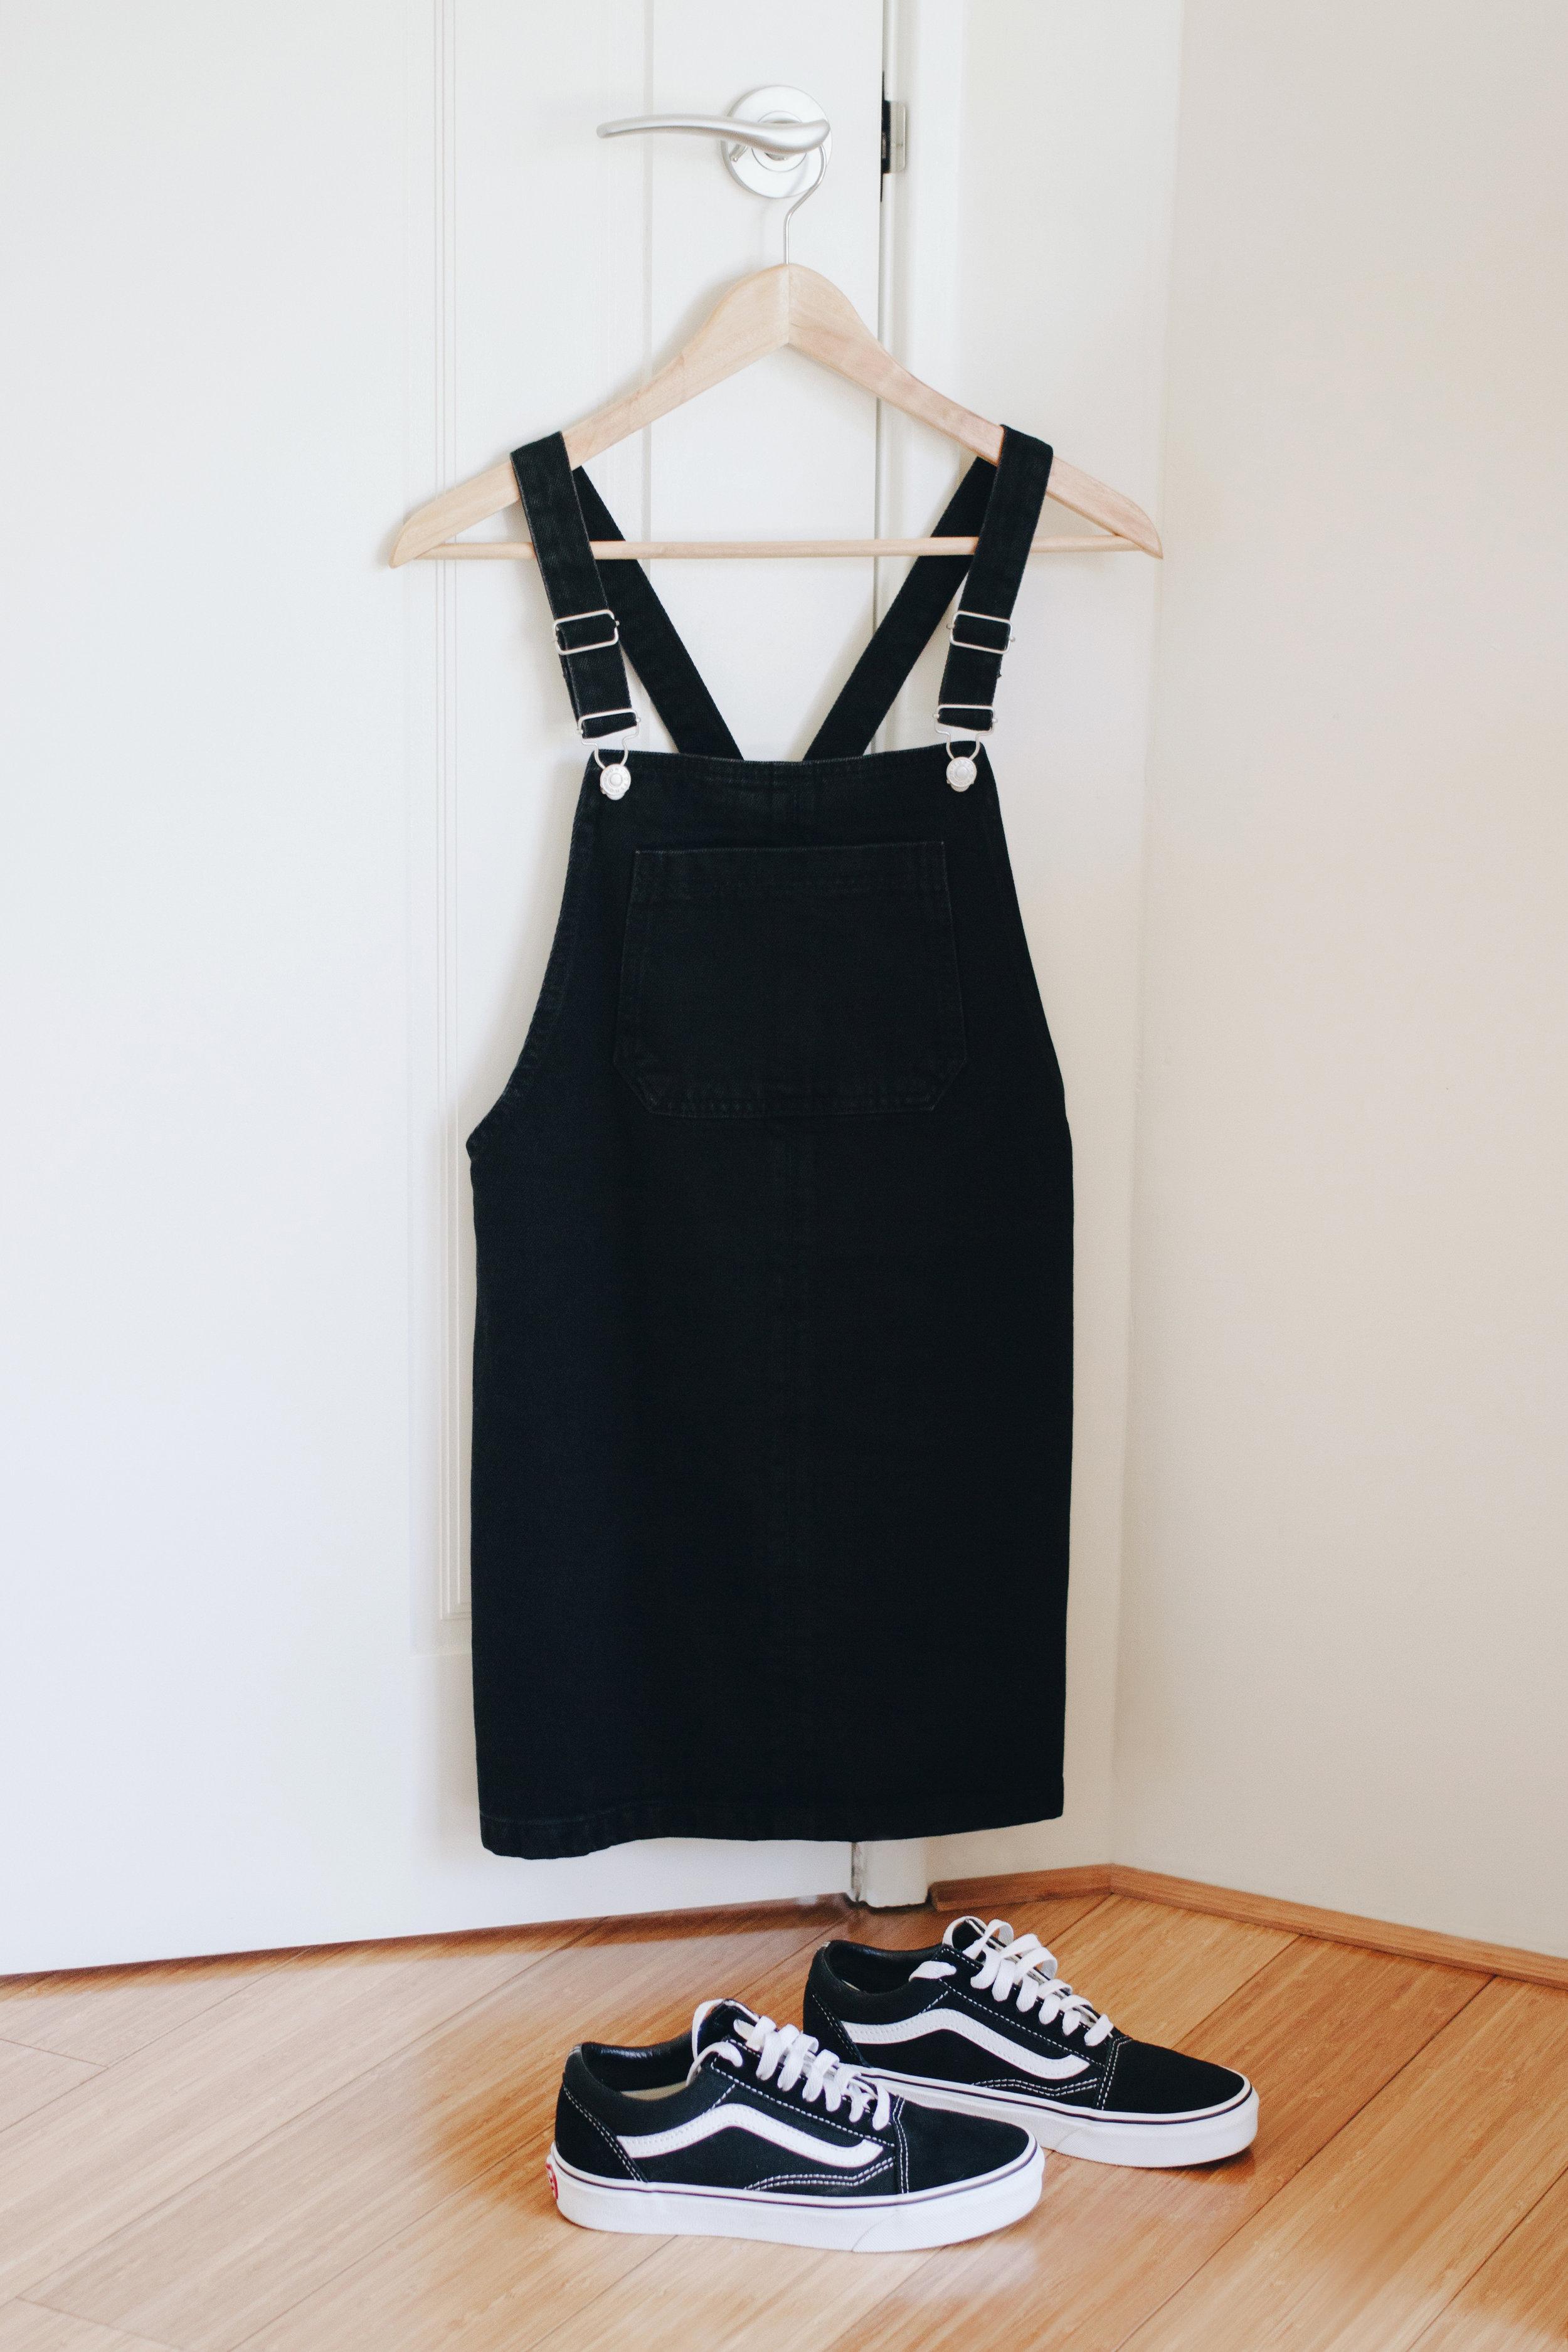 spring-summer-wardrobe-6.JPG